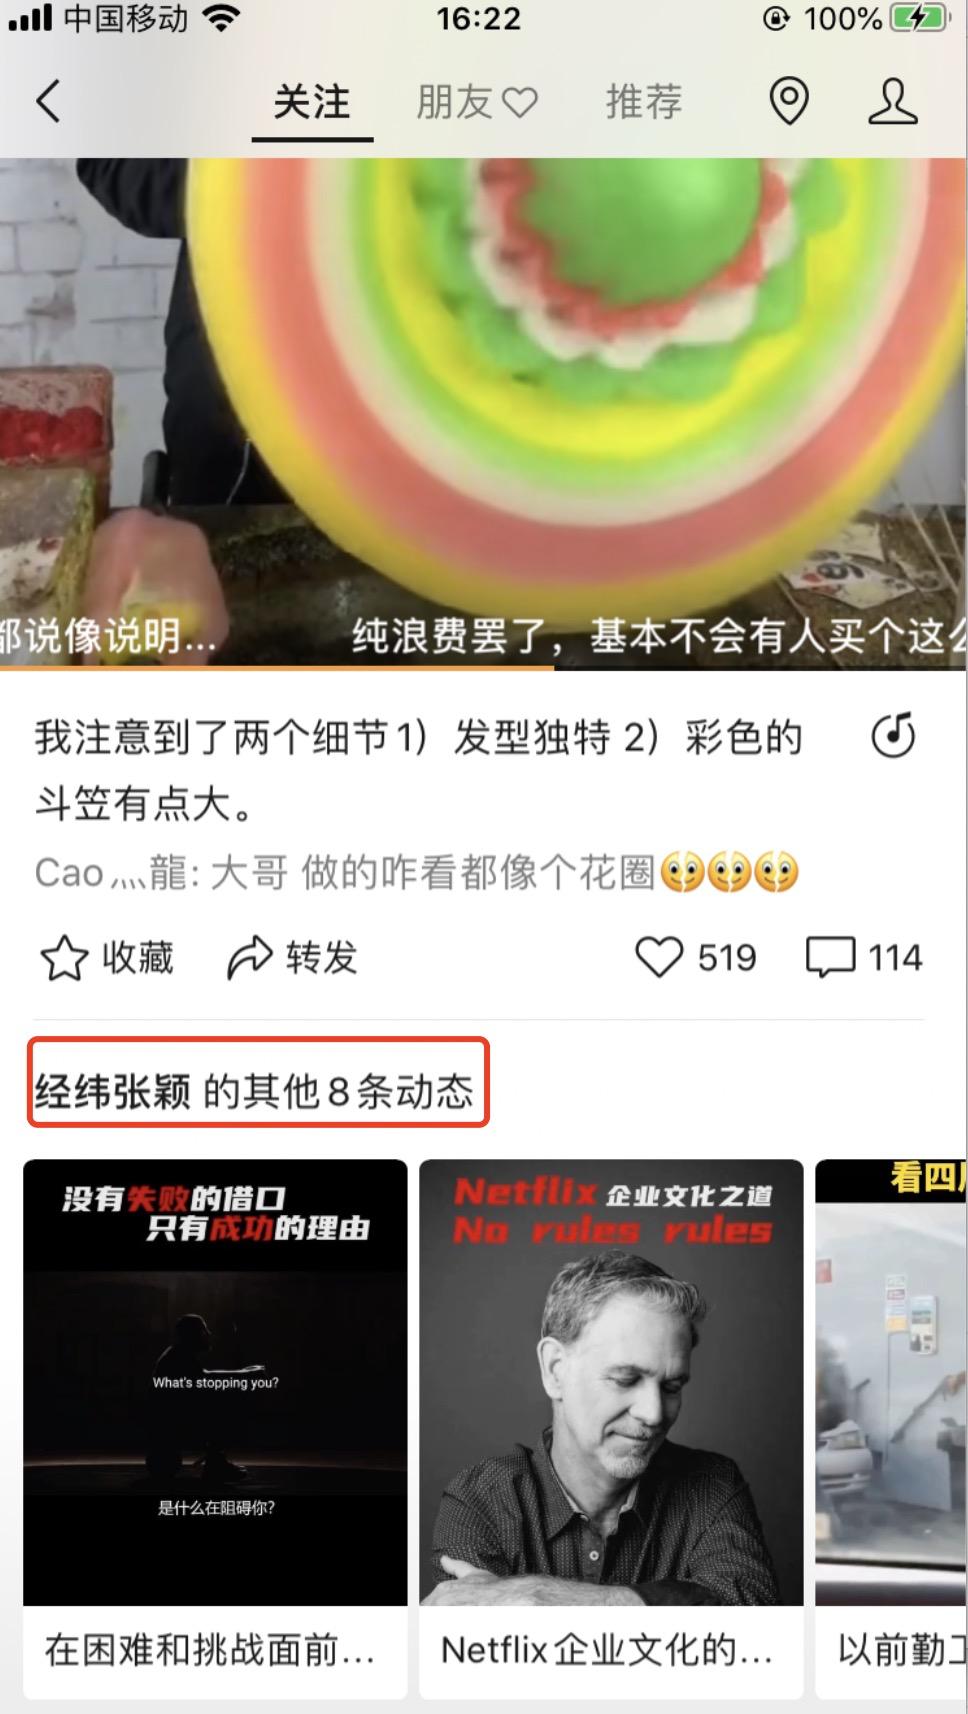 13000字,谈谈我对<a href='https://www.zhouxiaohui.cn'><a href='https://www.zhouxiaohui.cn/duanshipin/'>视频号</a></a>的思考-第21张图片-周小辉博客